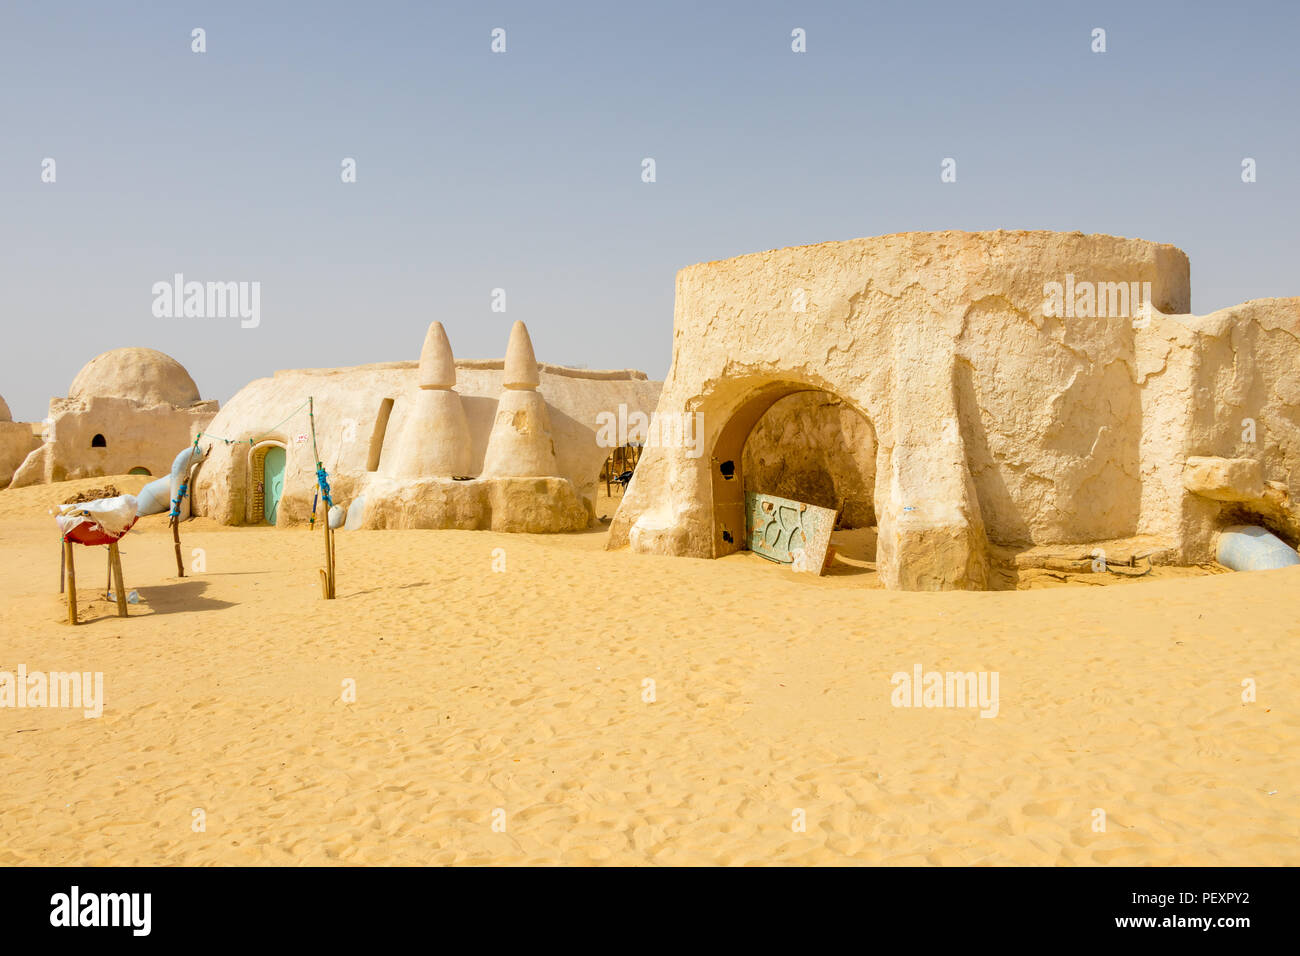 Star Wars Lage in Tunesien Film 1977, Tozeur, Sahara, Afrika Stockbild